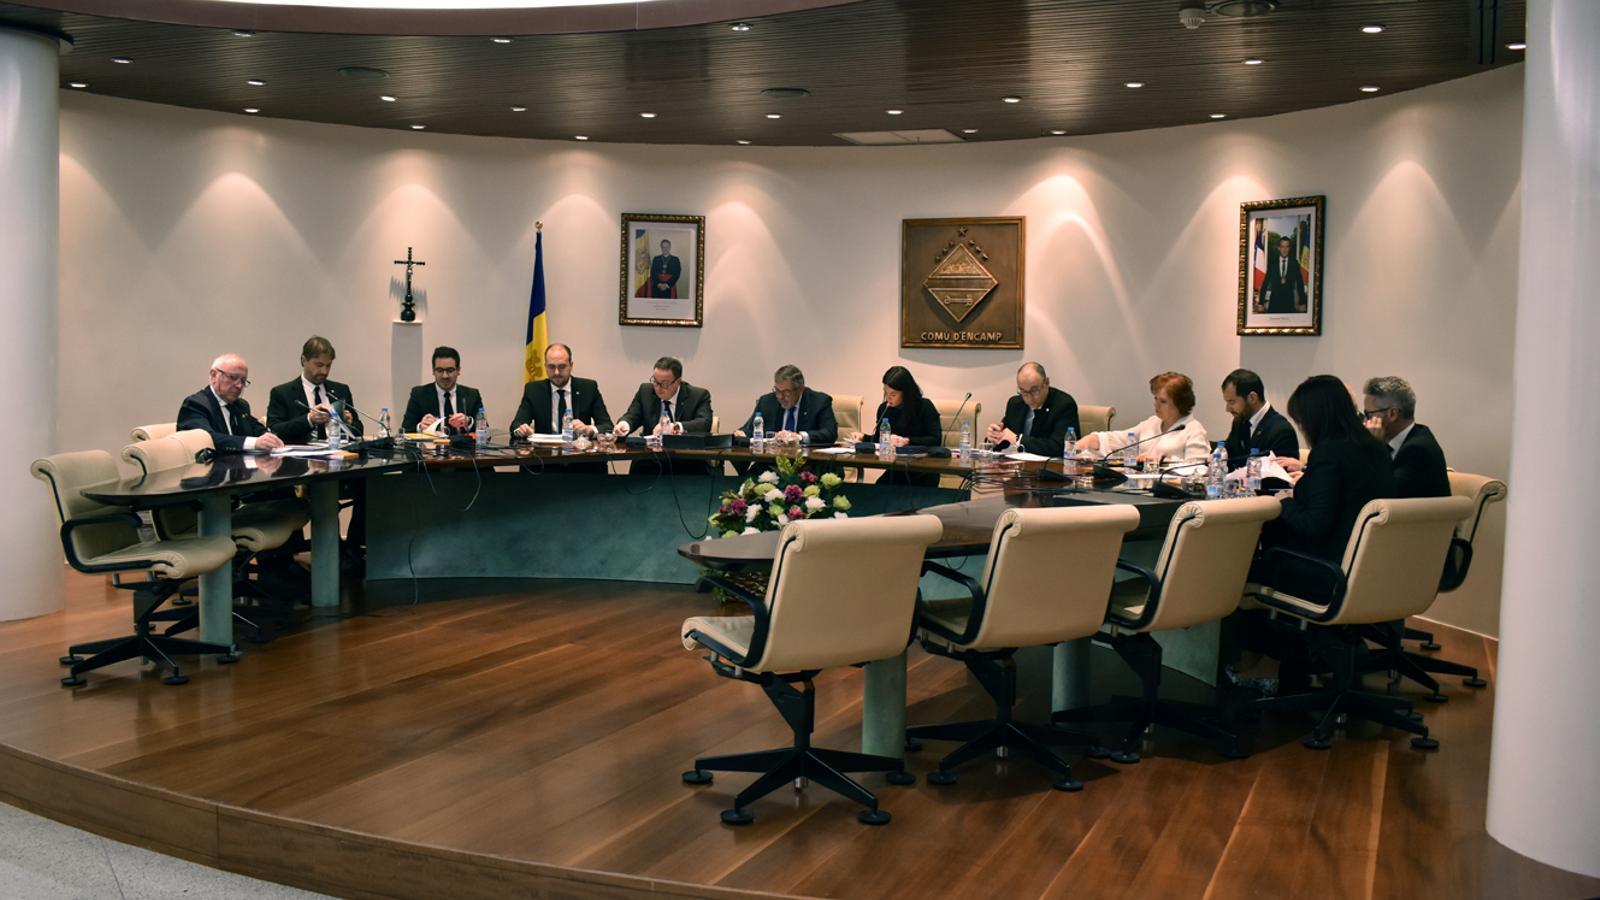 Un moment de la sessió de consell de comú celebrada aquest dilluns a Encamp. / M. P. (ANA)